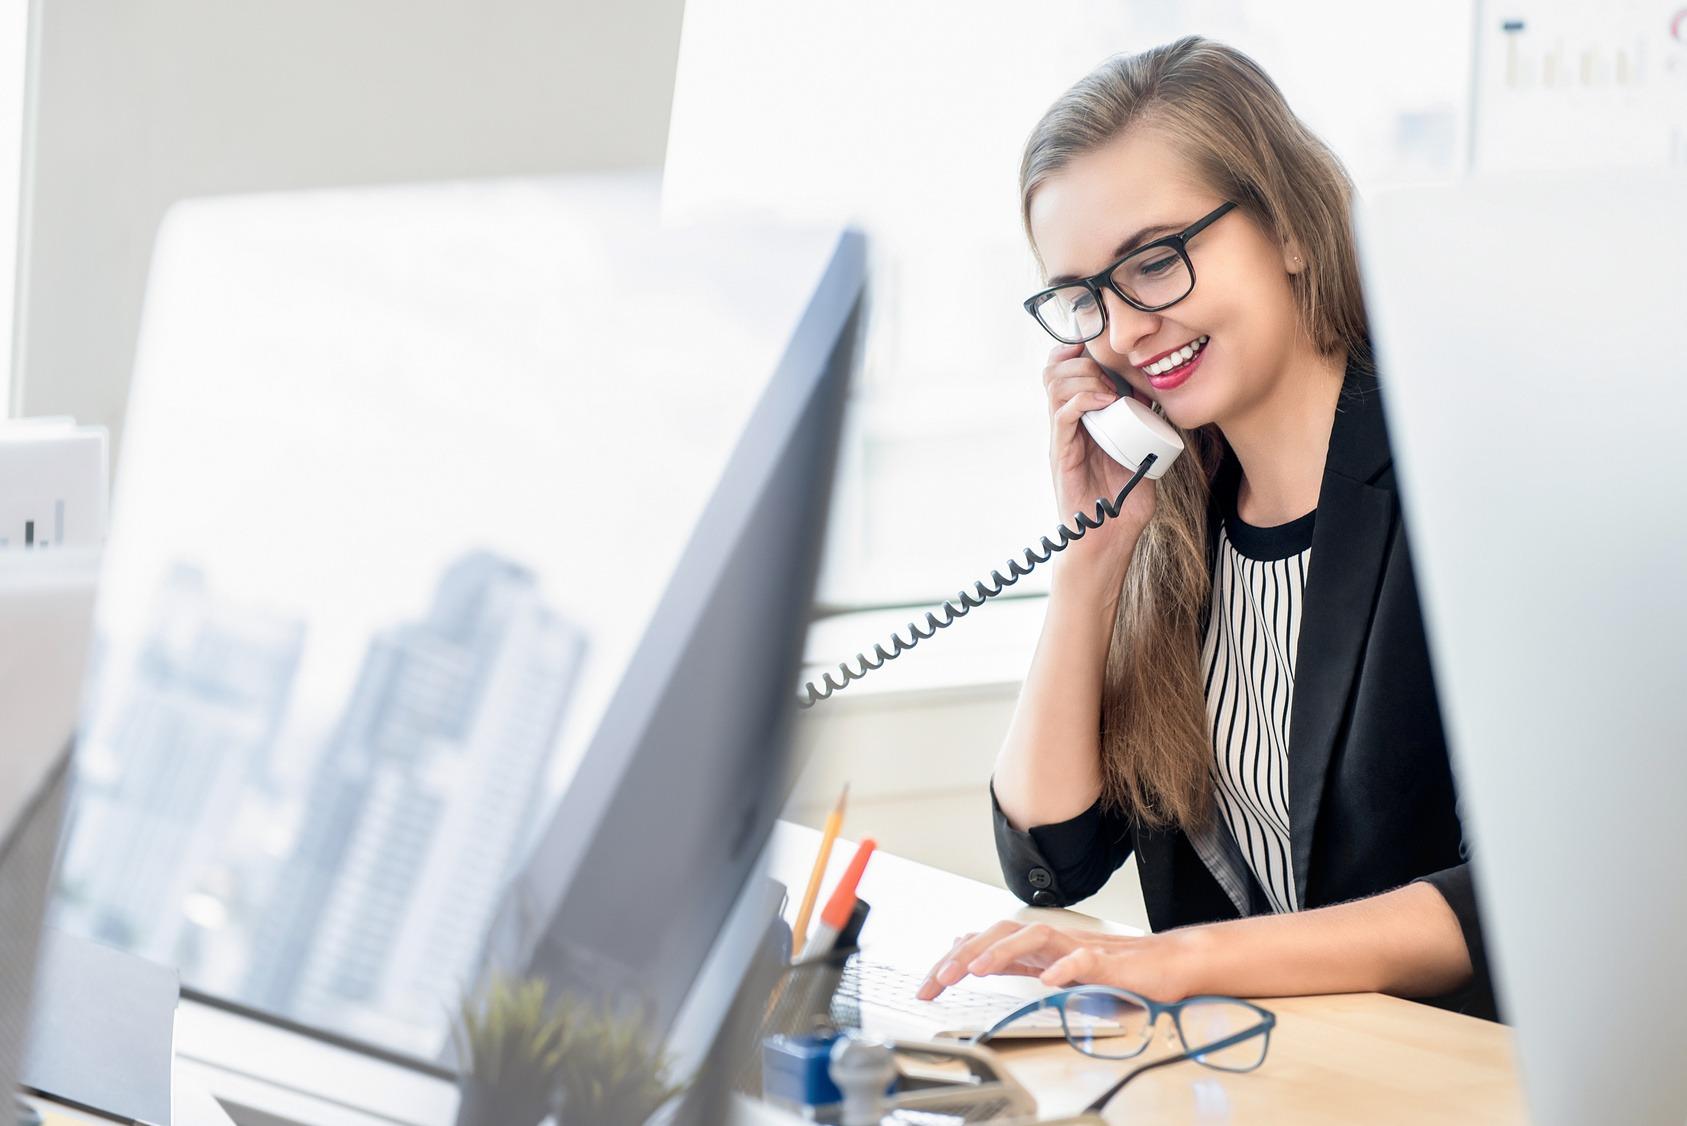 Die Teilnehmerin eines Traineeprogramms bei der Arbeit. Sie sitzt am Schreibtisch und tippt während sie telefoniert.